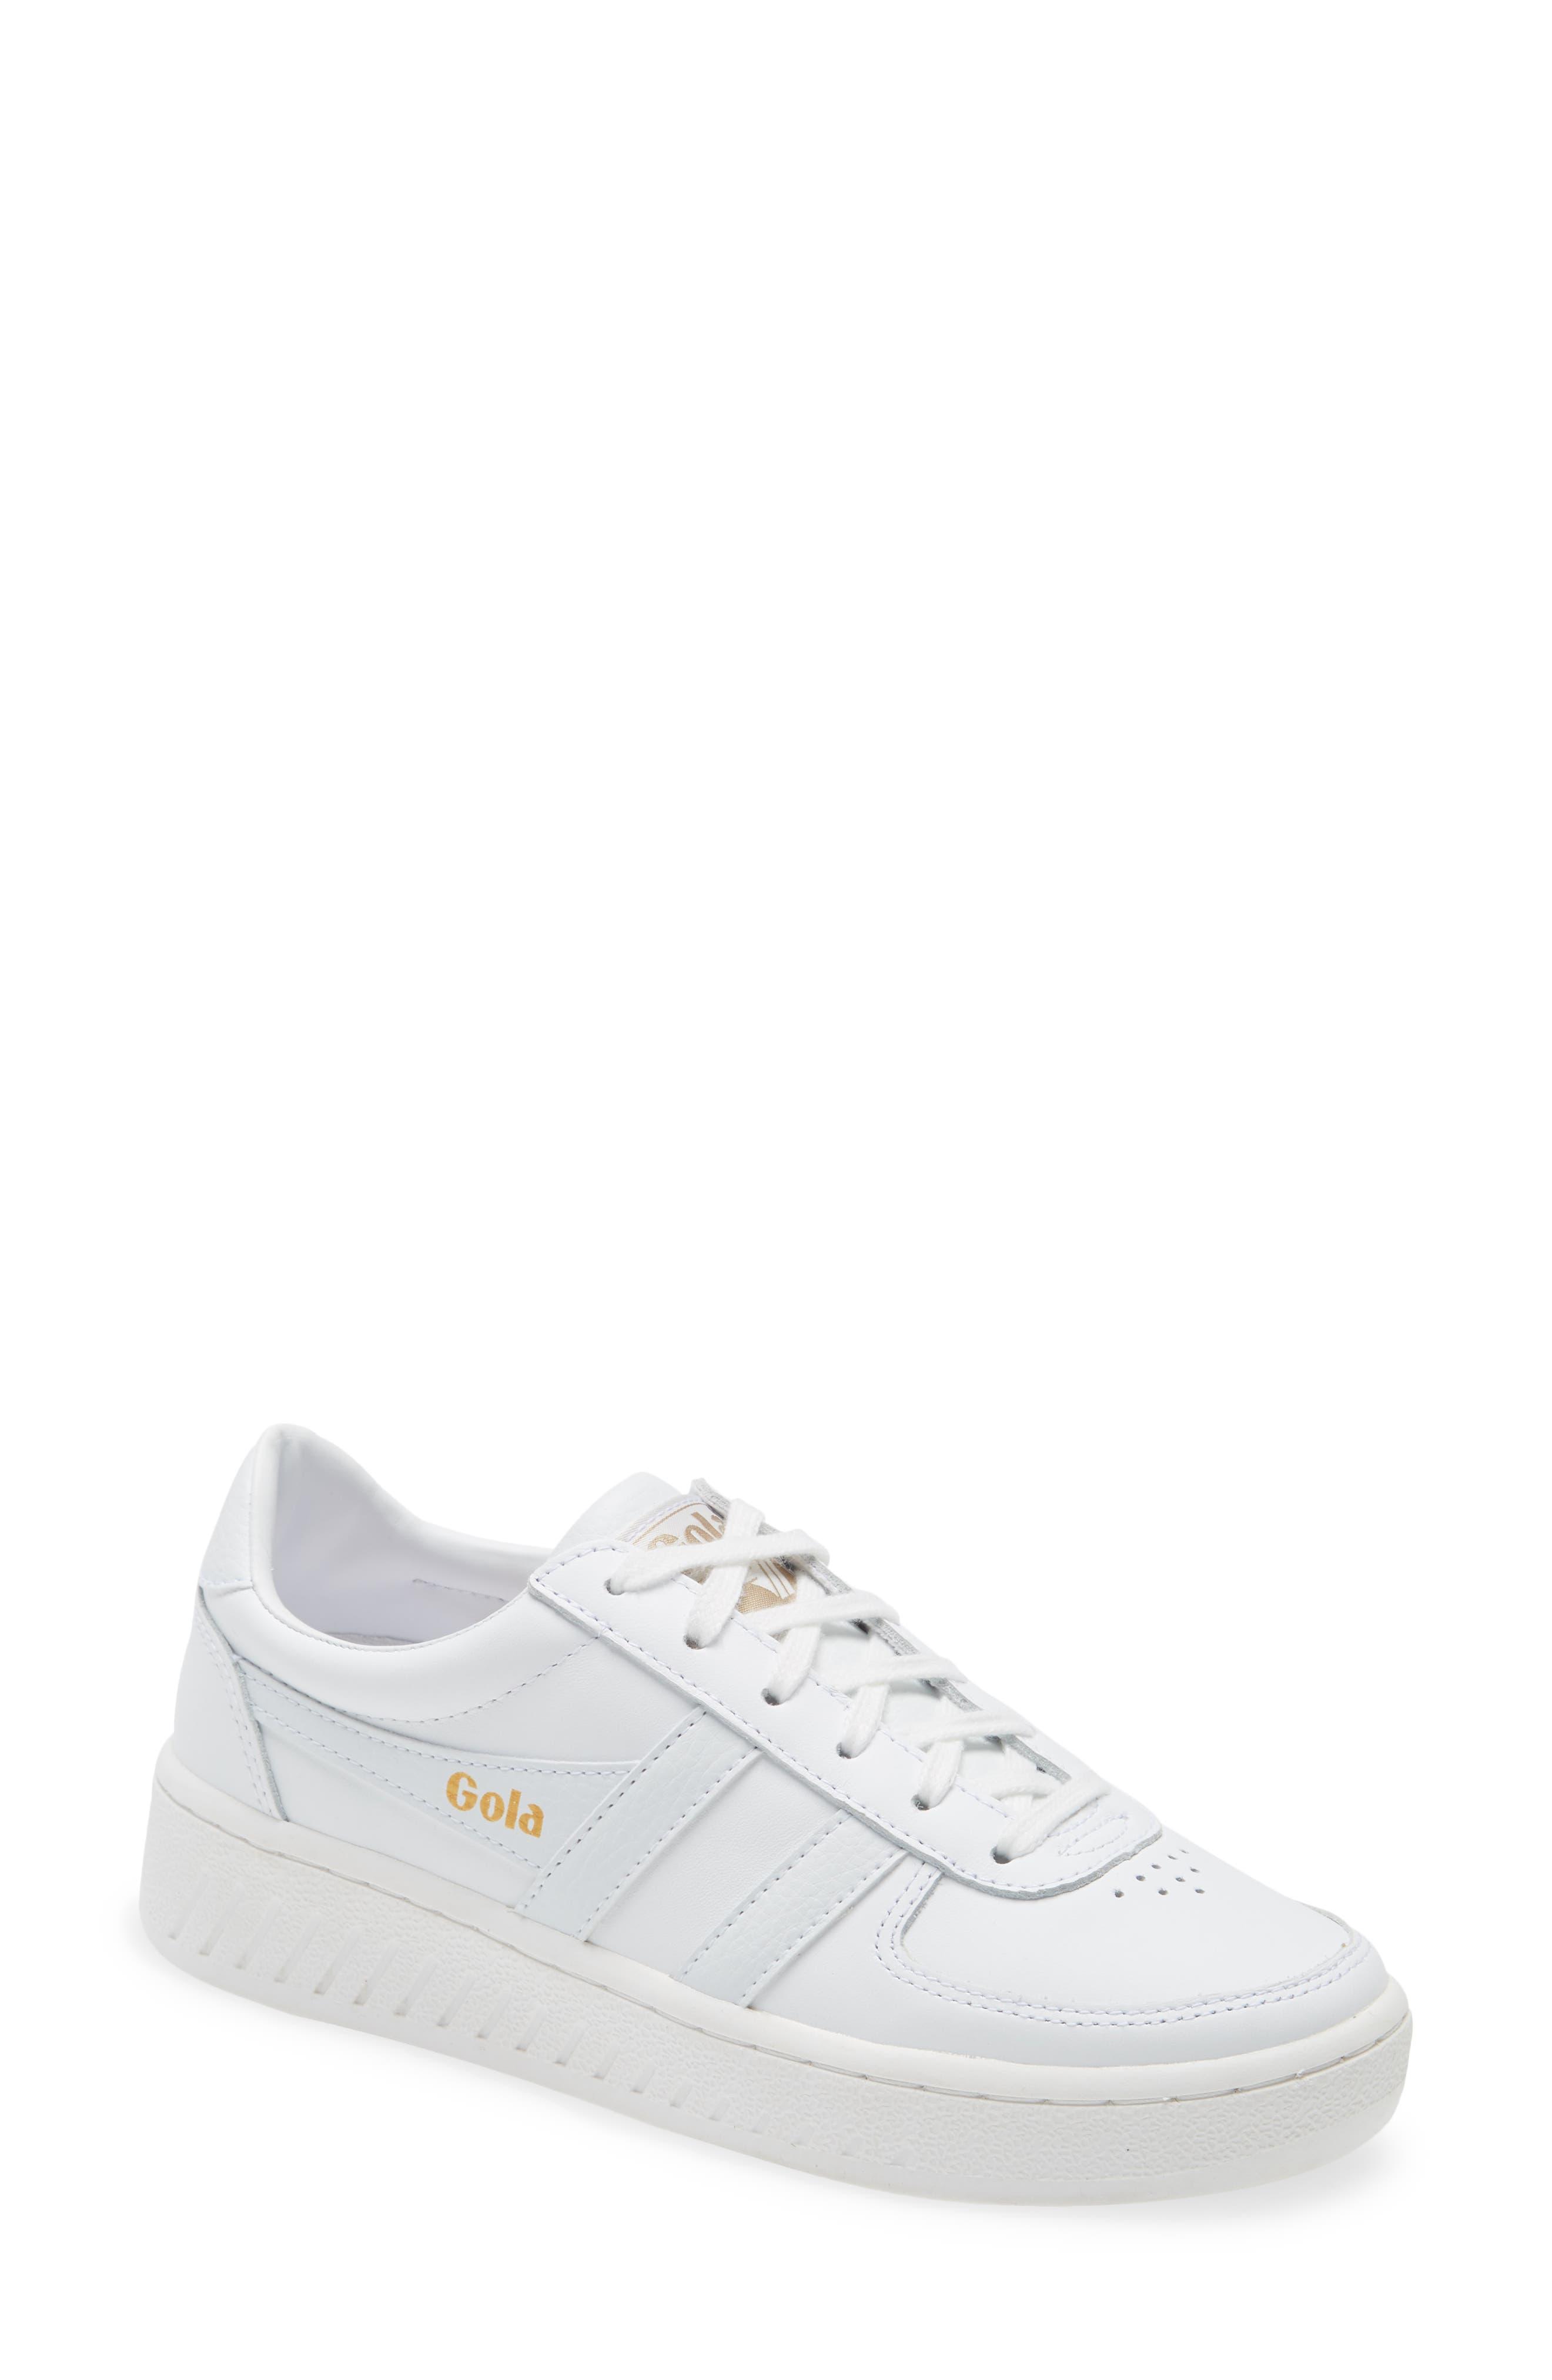 Classics Grandslam Sneaker